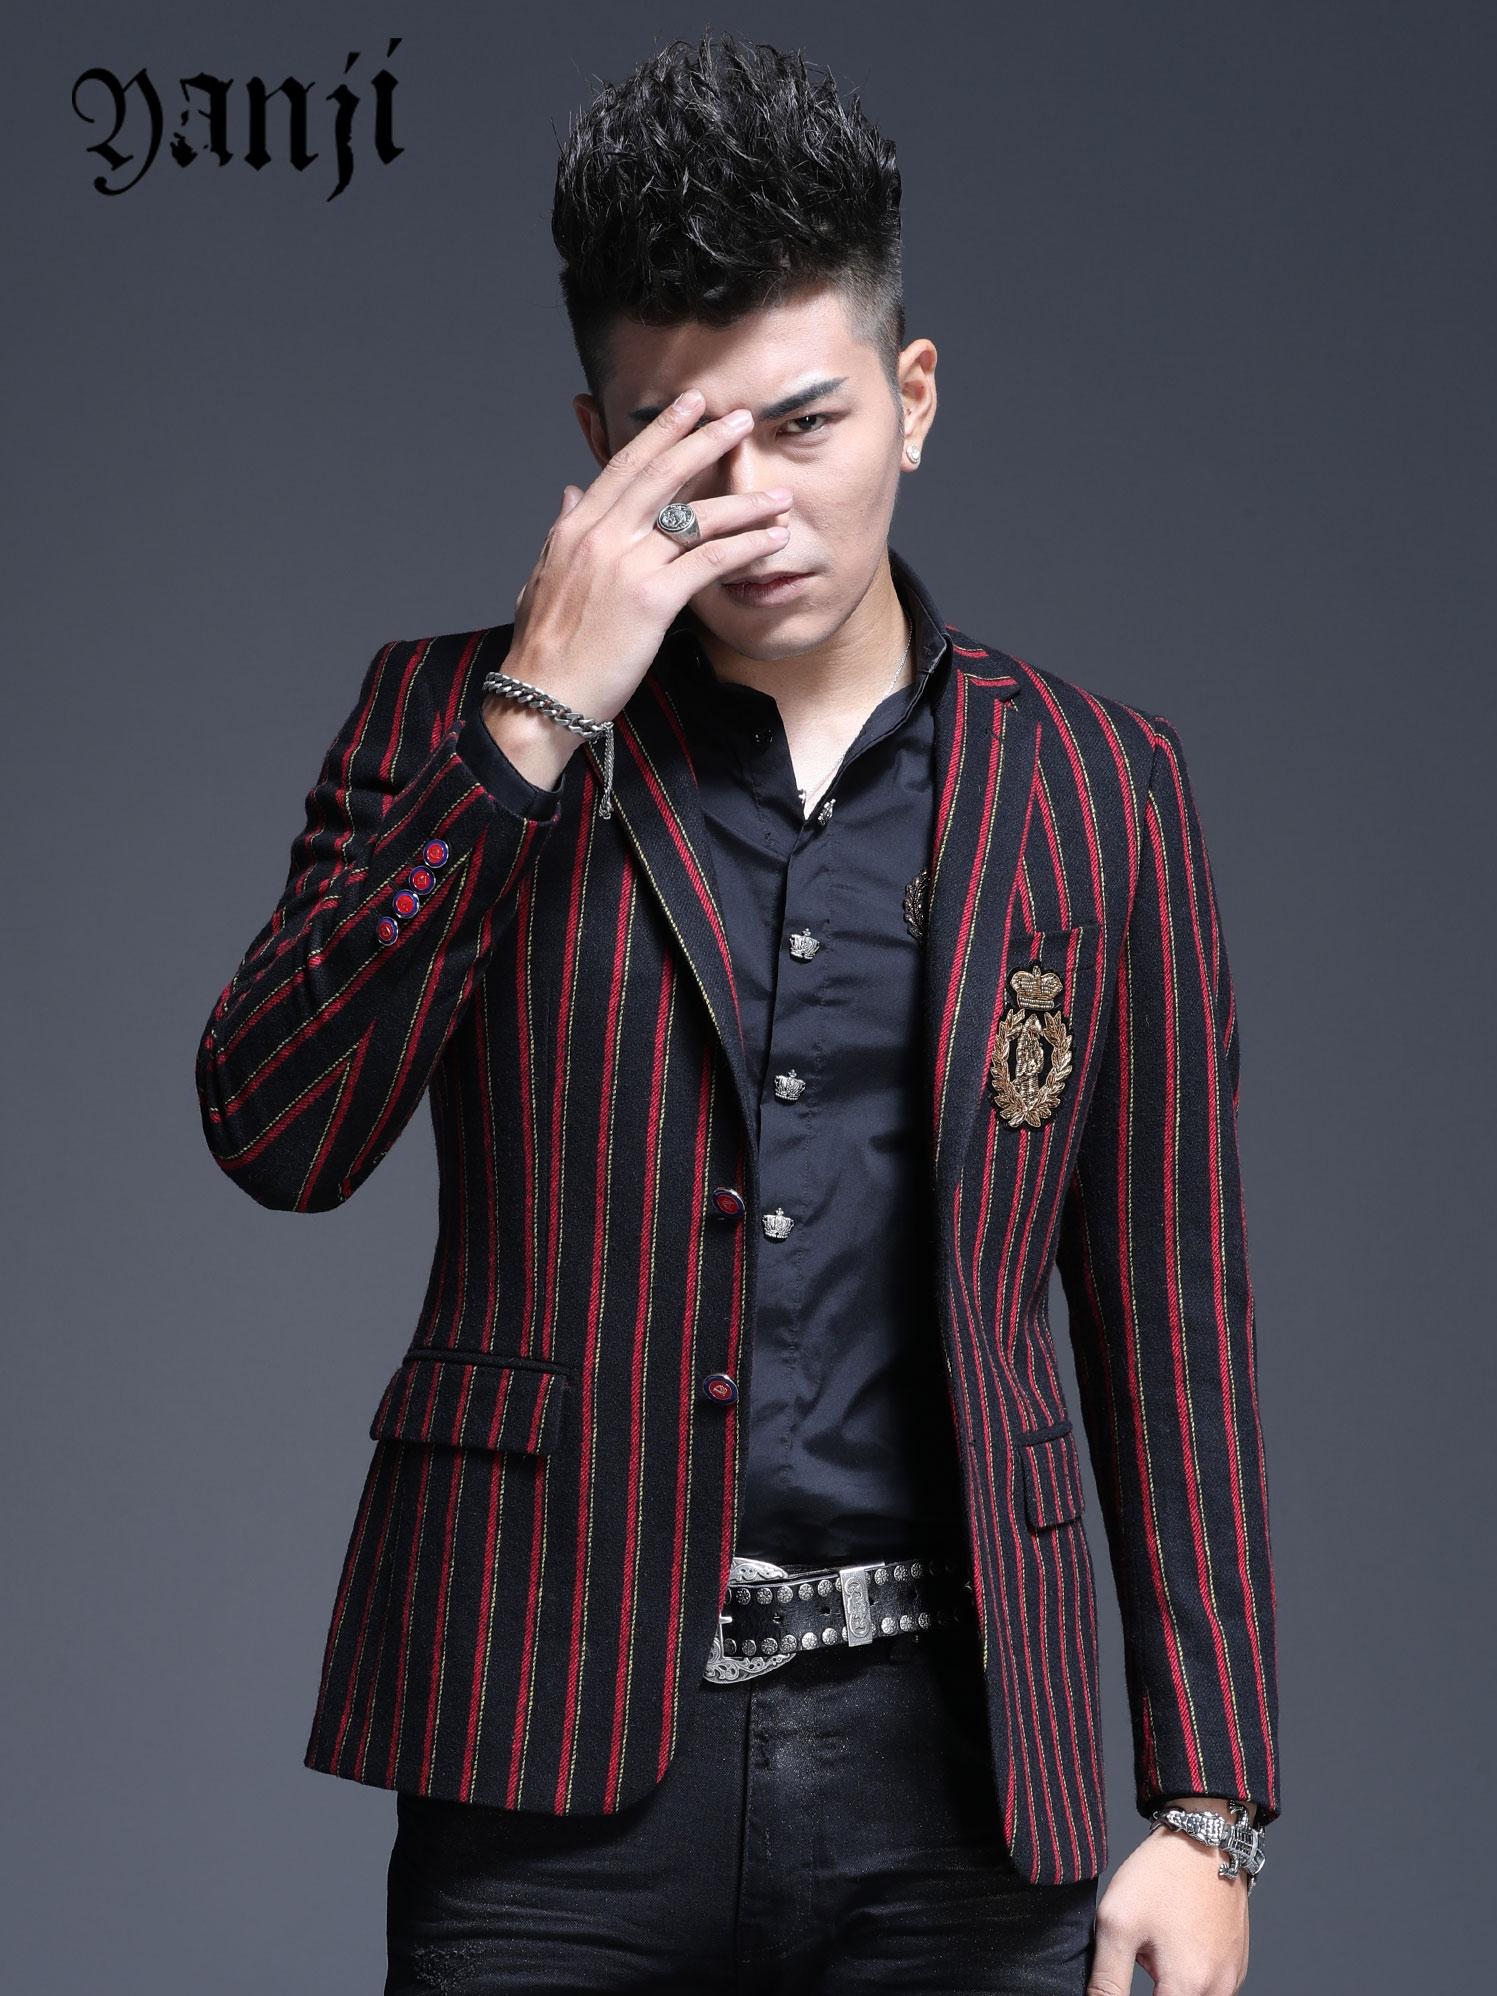 羊毛西服男士韩版潮流修身条纹休闲单西外套秋季新款小西装男帅气